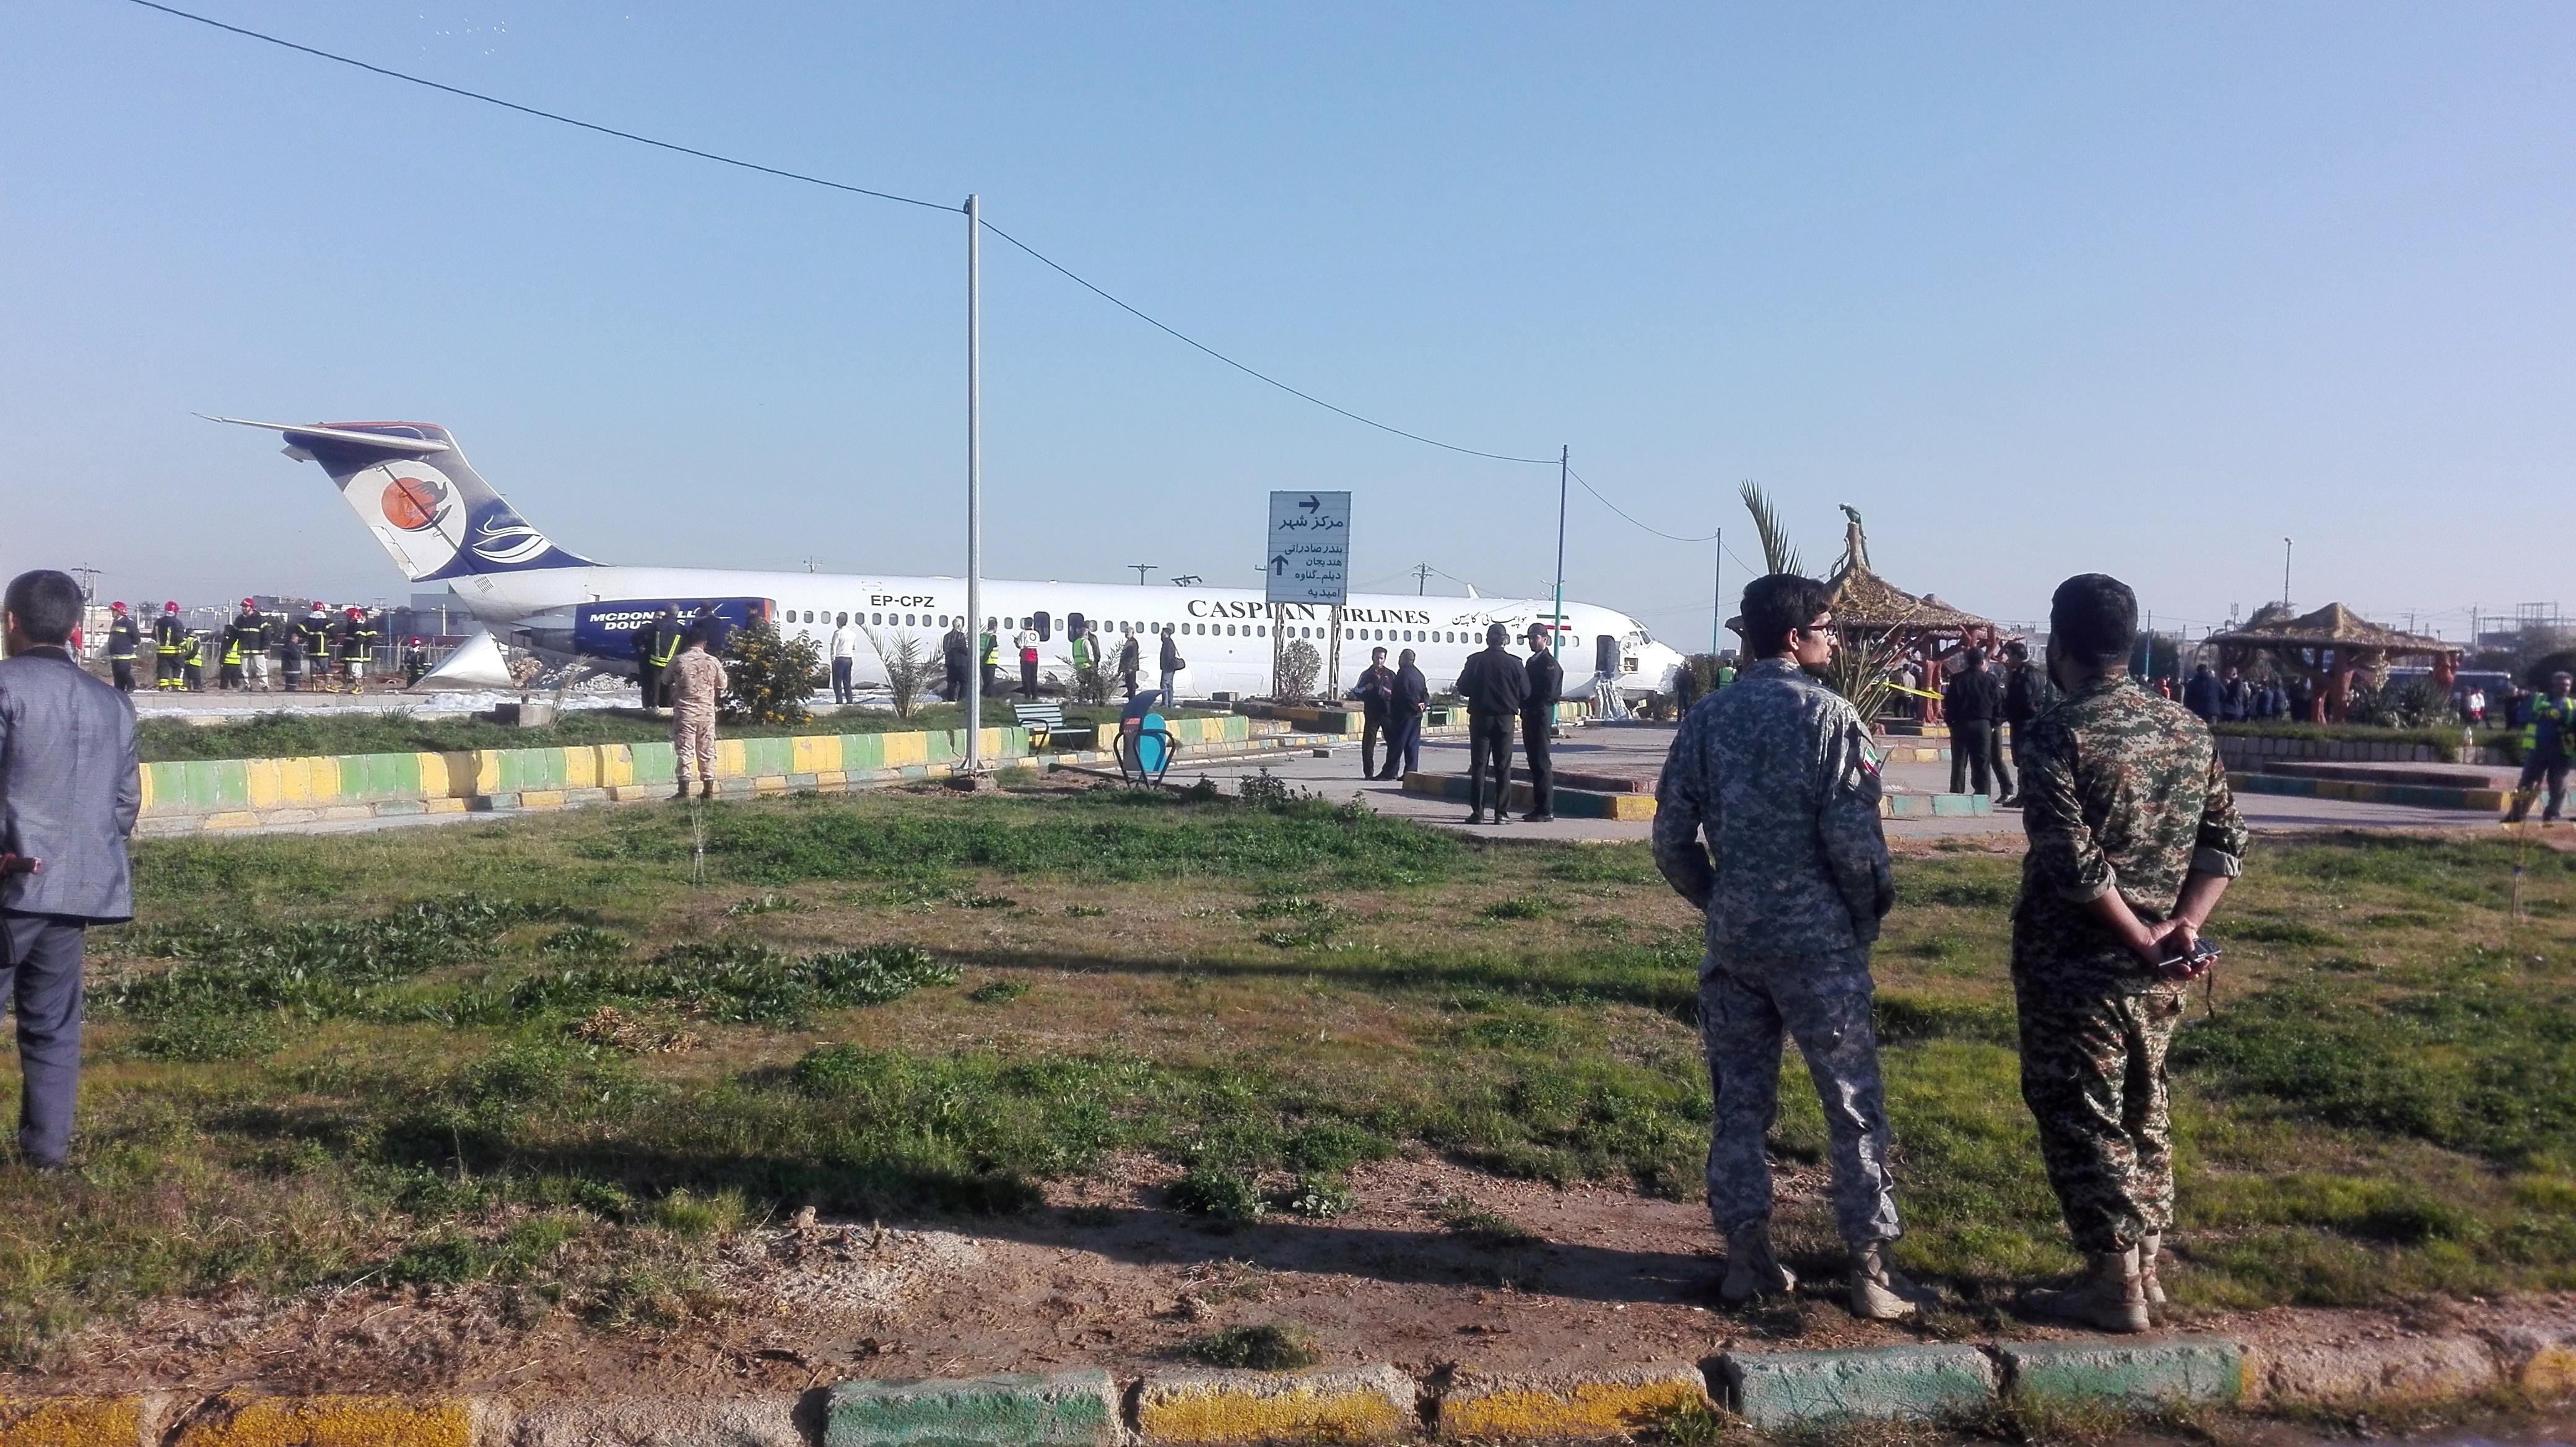 Τρόμος για 85 επιβάτες! Το αεροπλάνο γλίστρησε και βρέθηκε στον δρόμο! [vid]